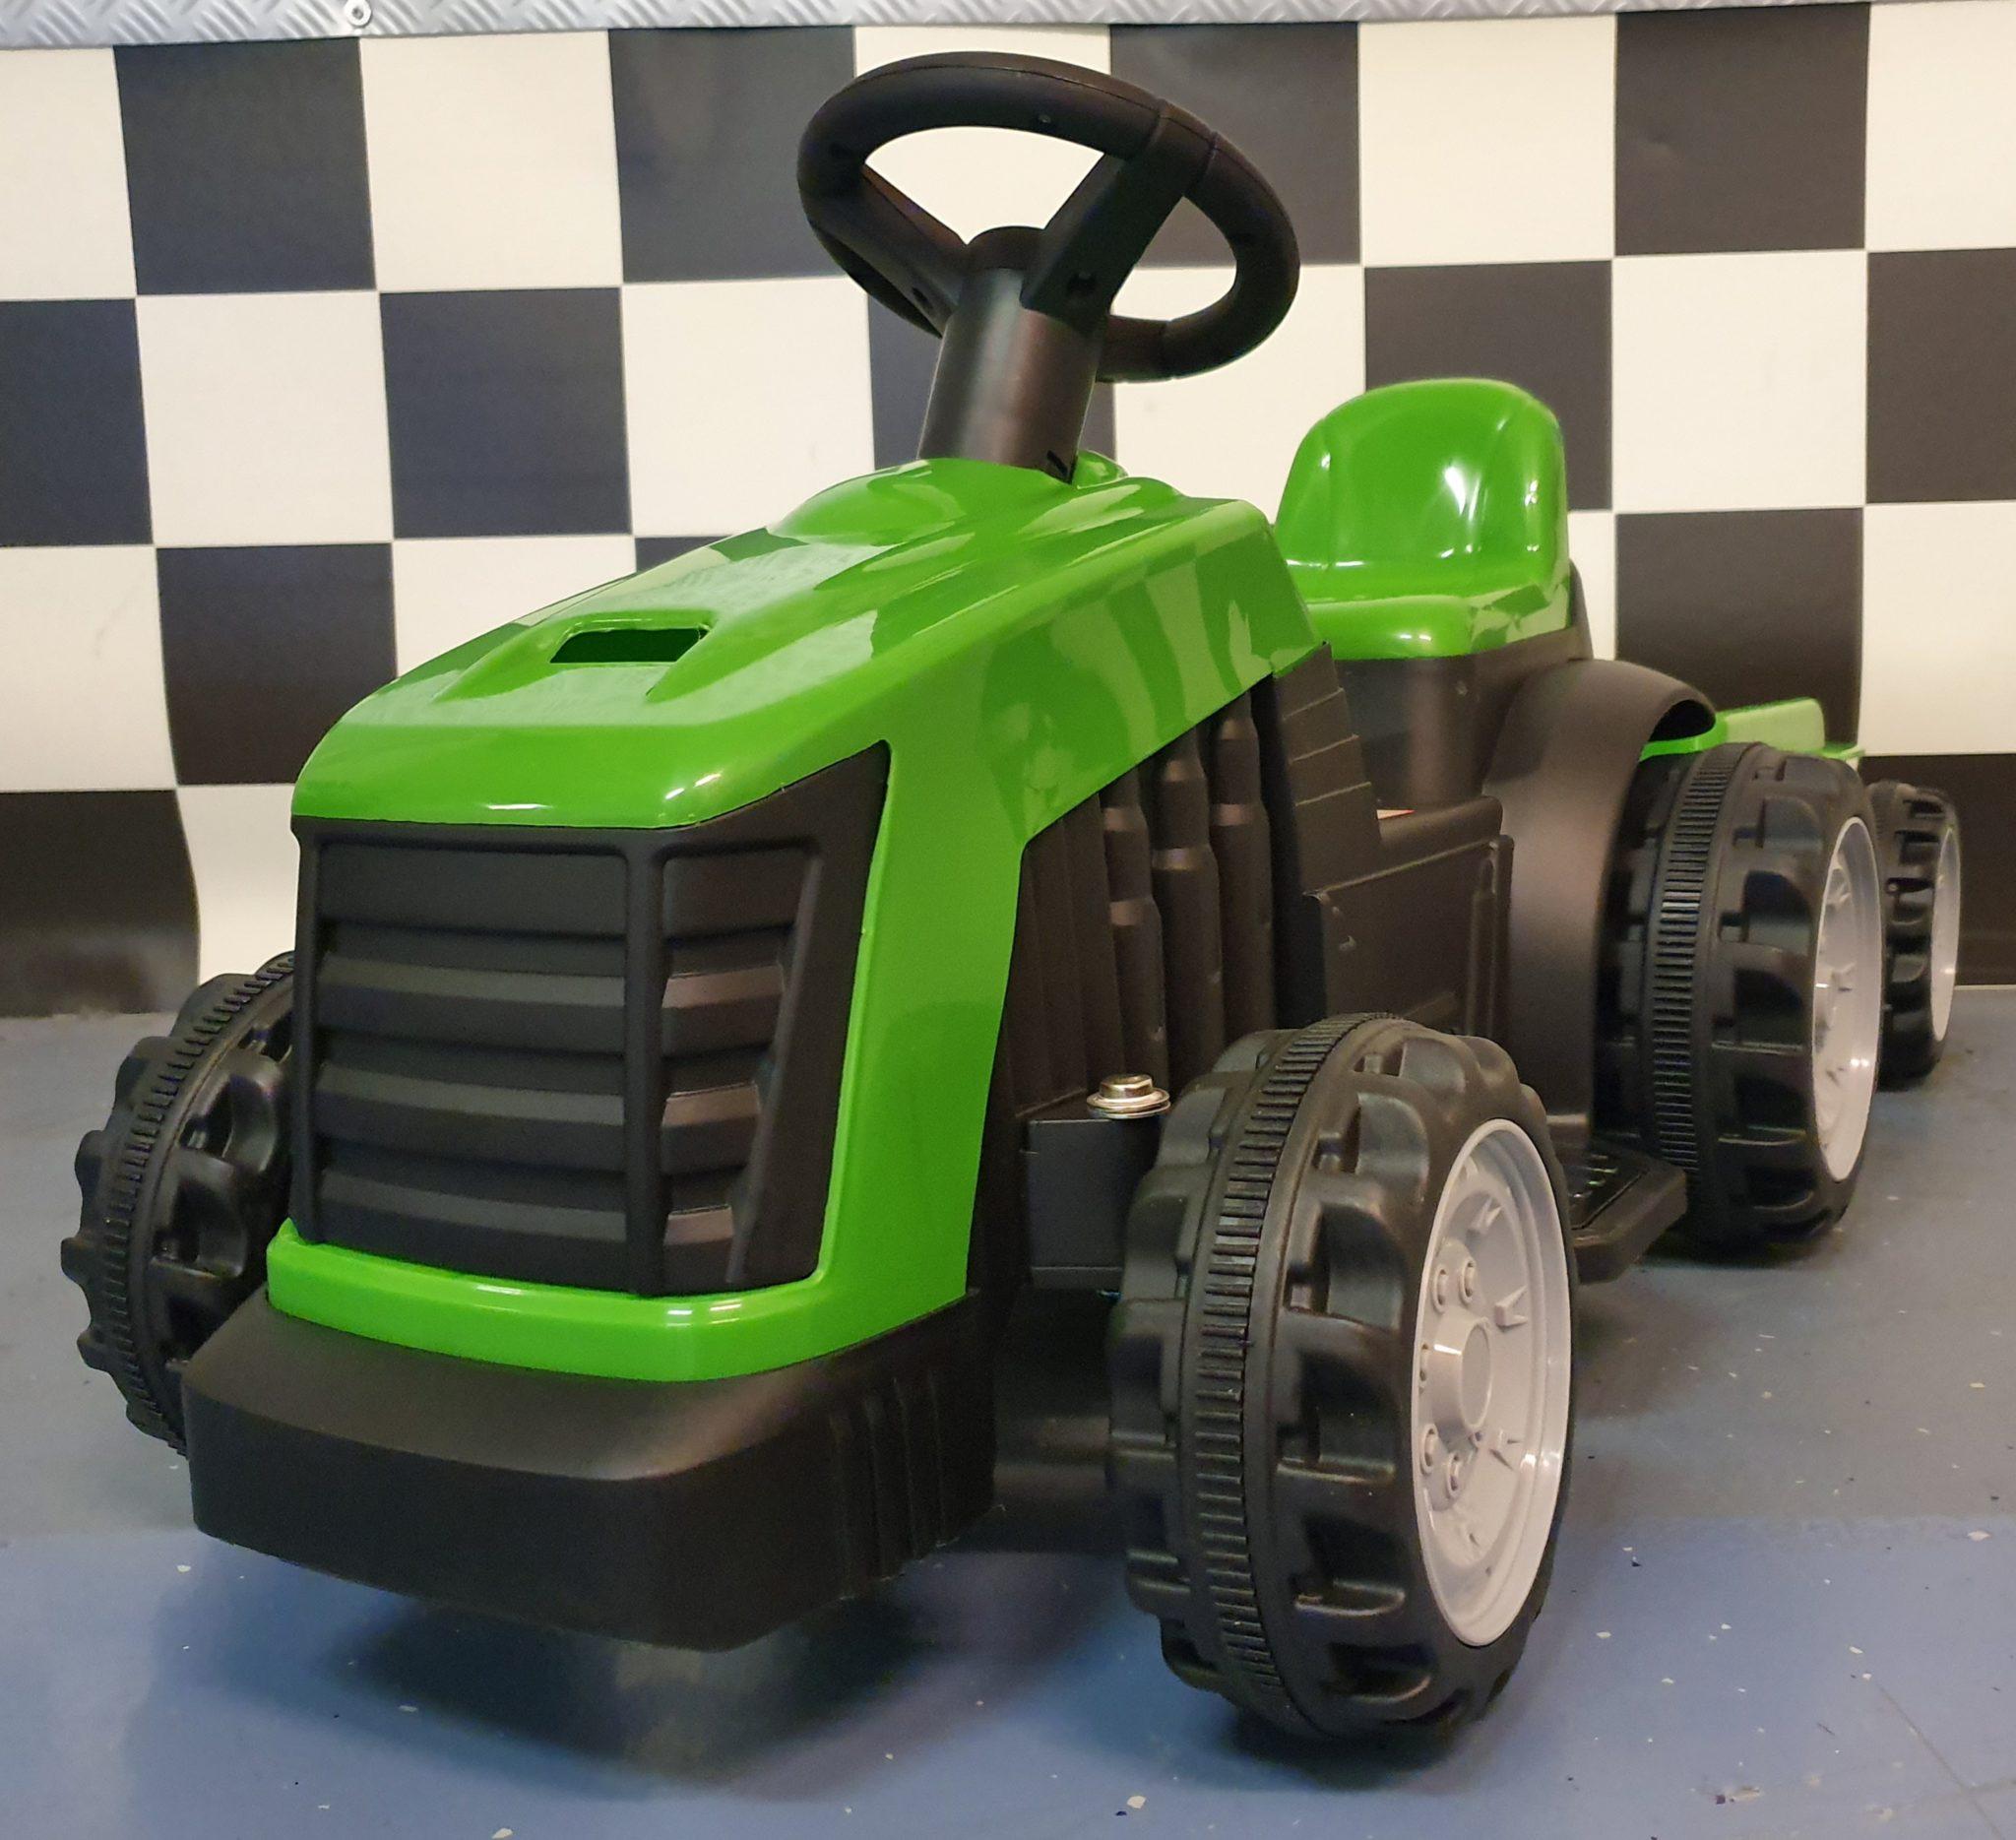 elektrische kinder tractor 6 volt groen cars4kids. Black Bedroom Furniture Sets. Home Design Ideas